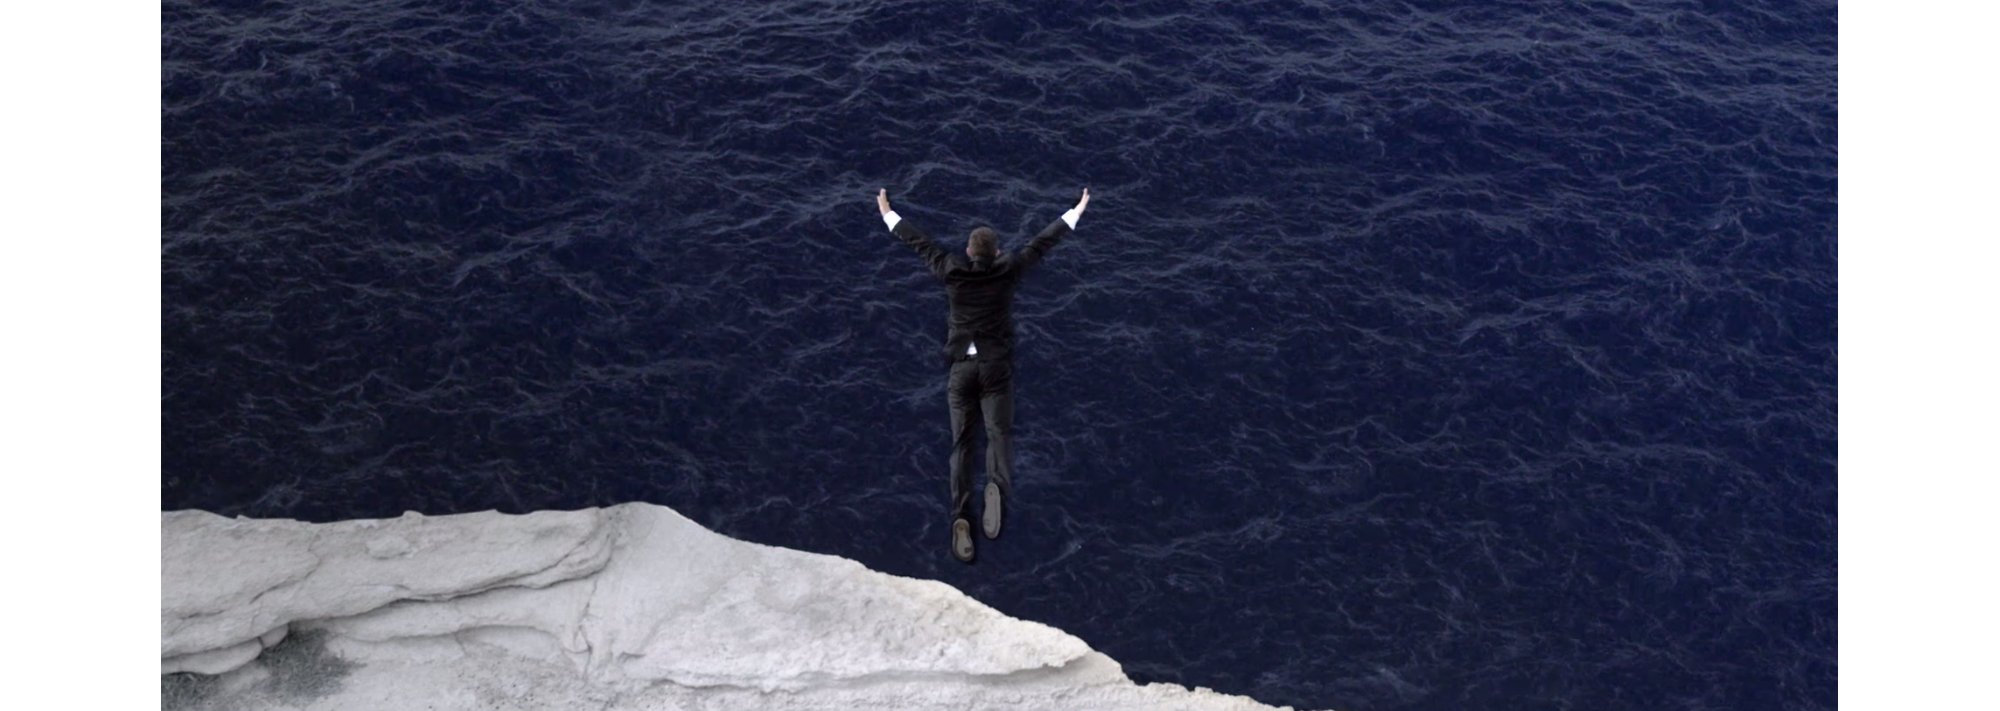 Klifduiker David Colturi springt van een klif in het Superblack-kostuum van HUGO